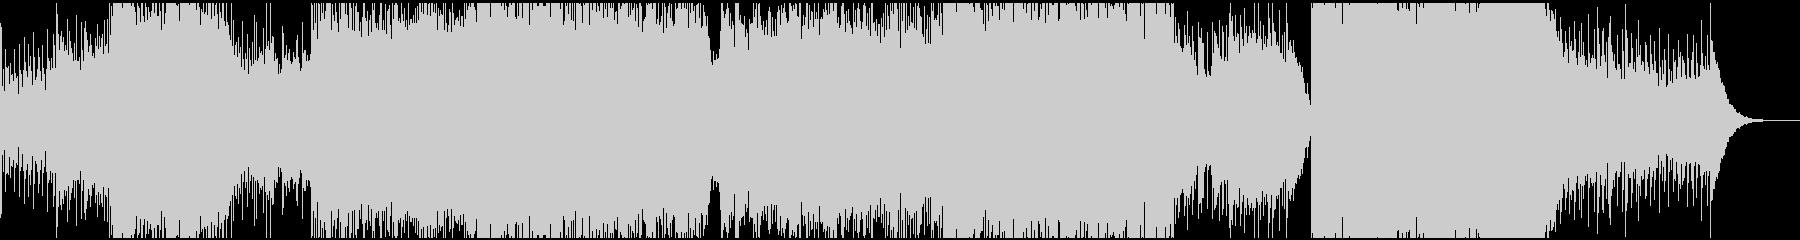 爽やか・スローテンポなハウス系のBGMの未再生の波形